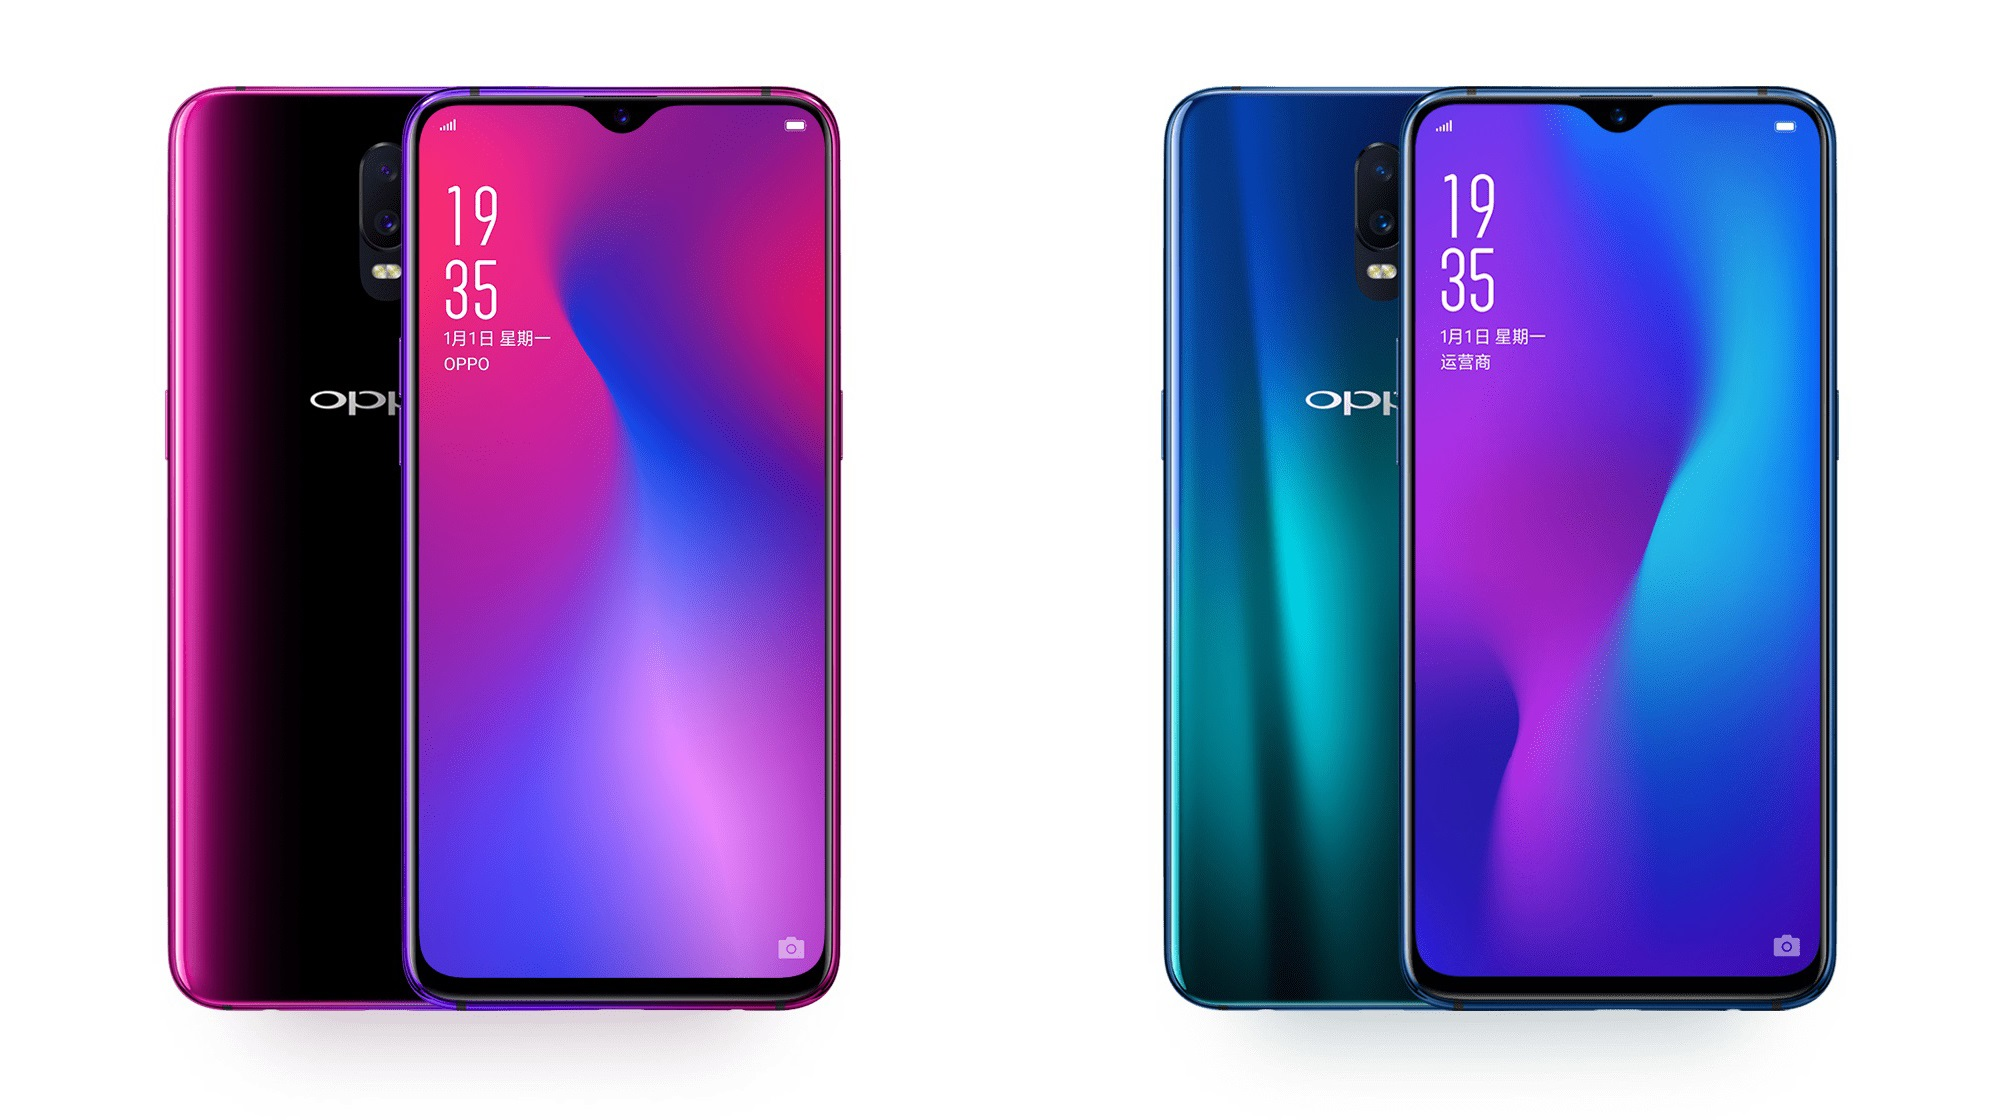 مراجعة مواصفات هاتف Oppo R17 أحد أحدث هواتف العملاق الصيني Oppo